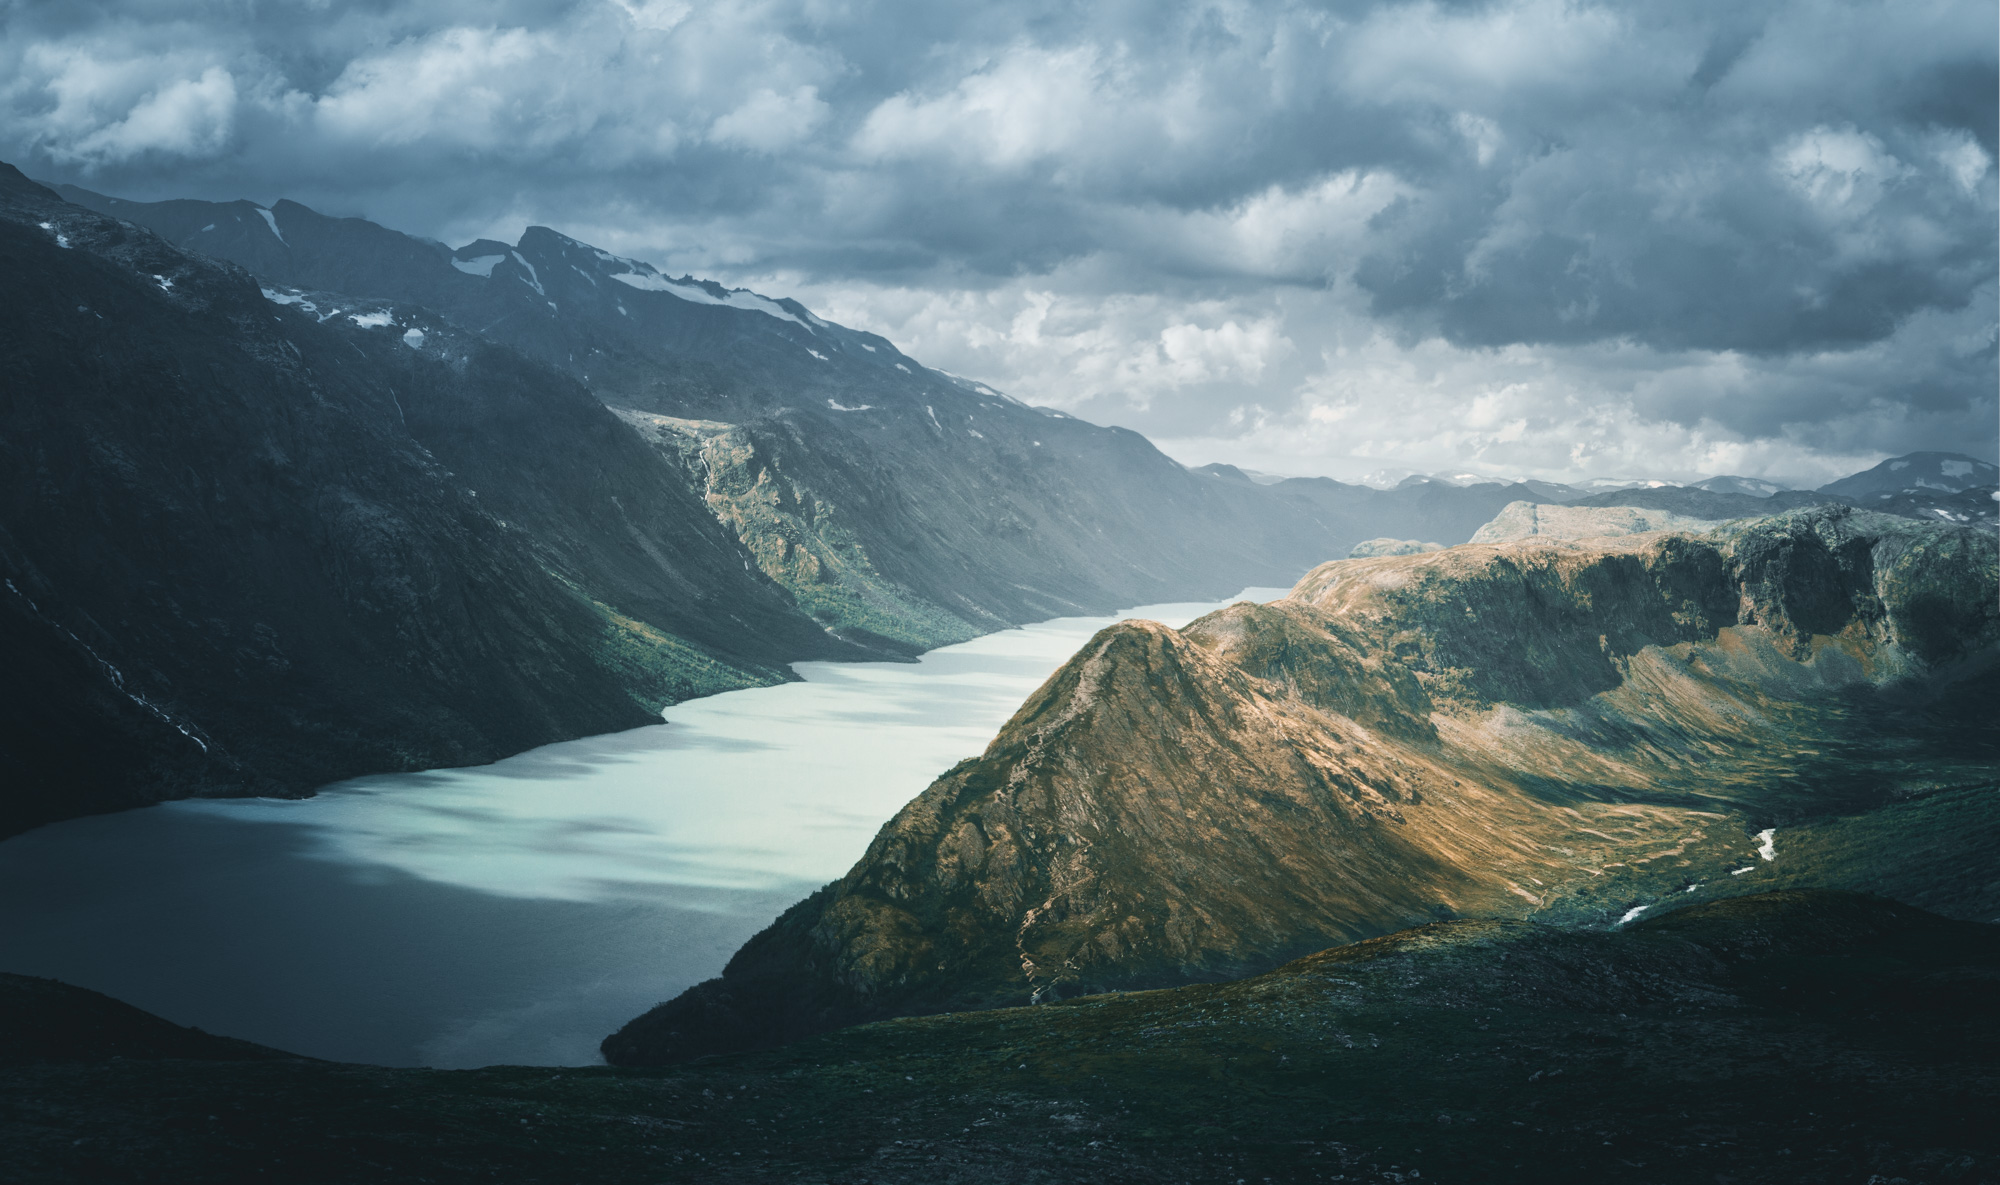 Bergpanorama mit dramatischem Himmel und Fjord in Norwegen